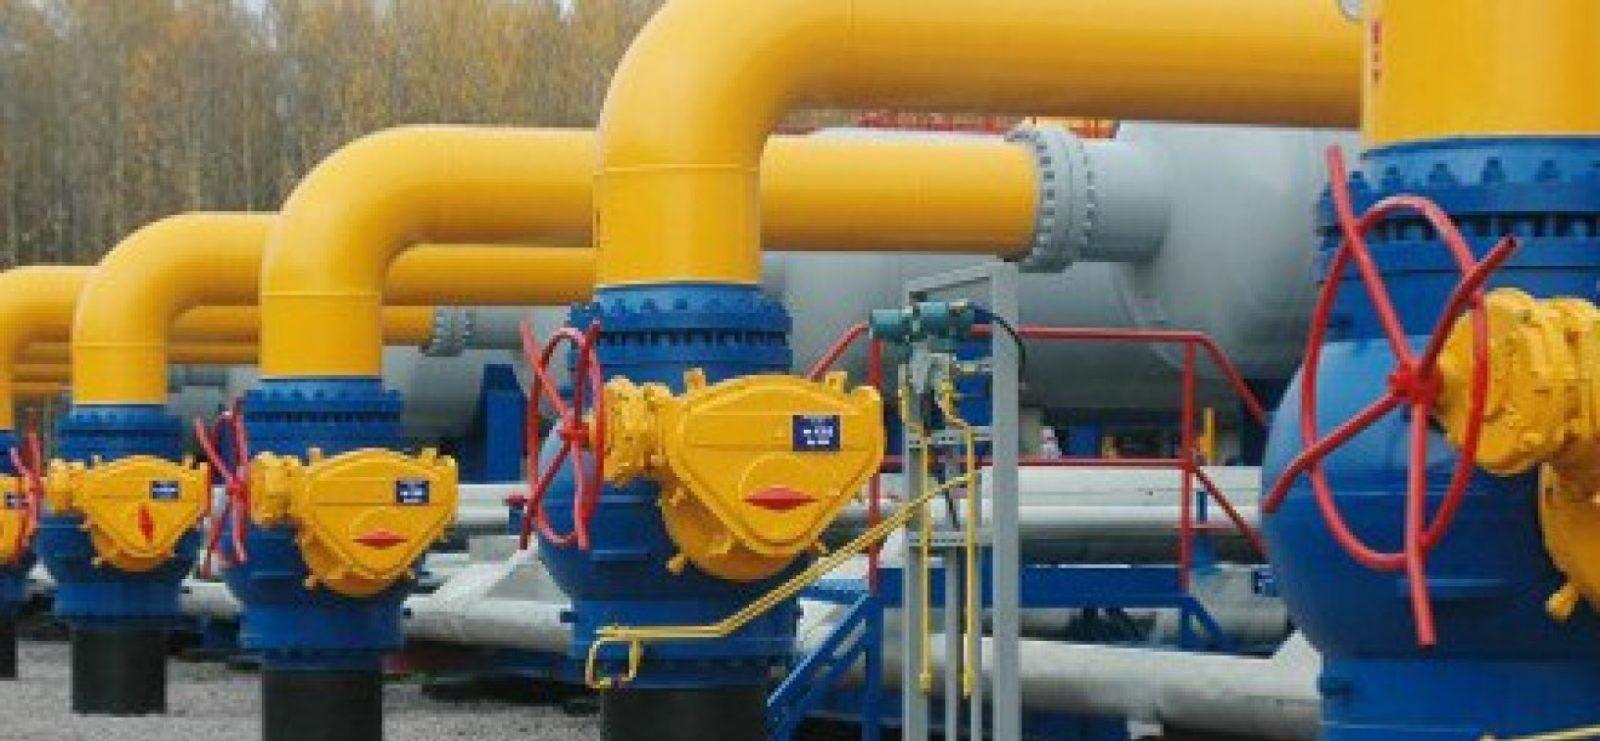 Începem ziua cu o veste proastă: PREȚUL gazelor ar putea CREȘTE cu peste 10% de la 1 aprilie